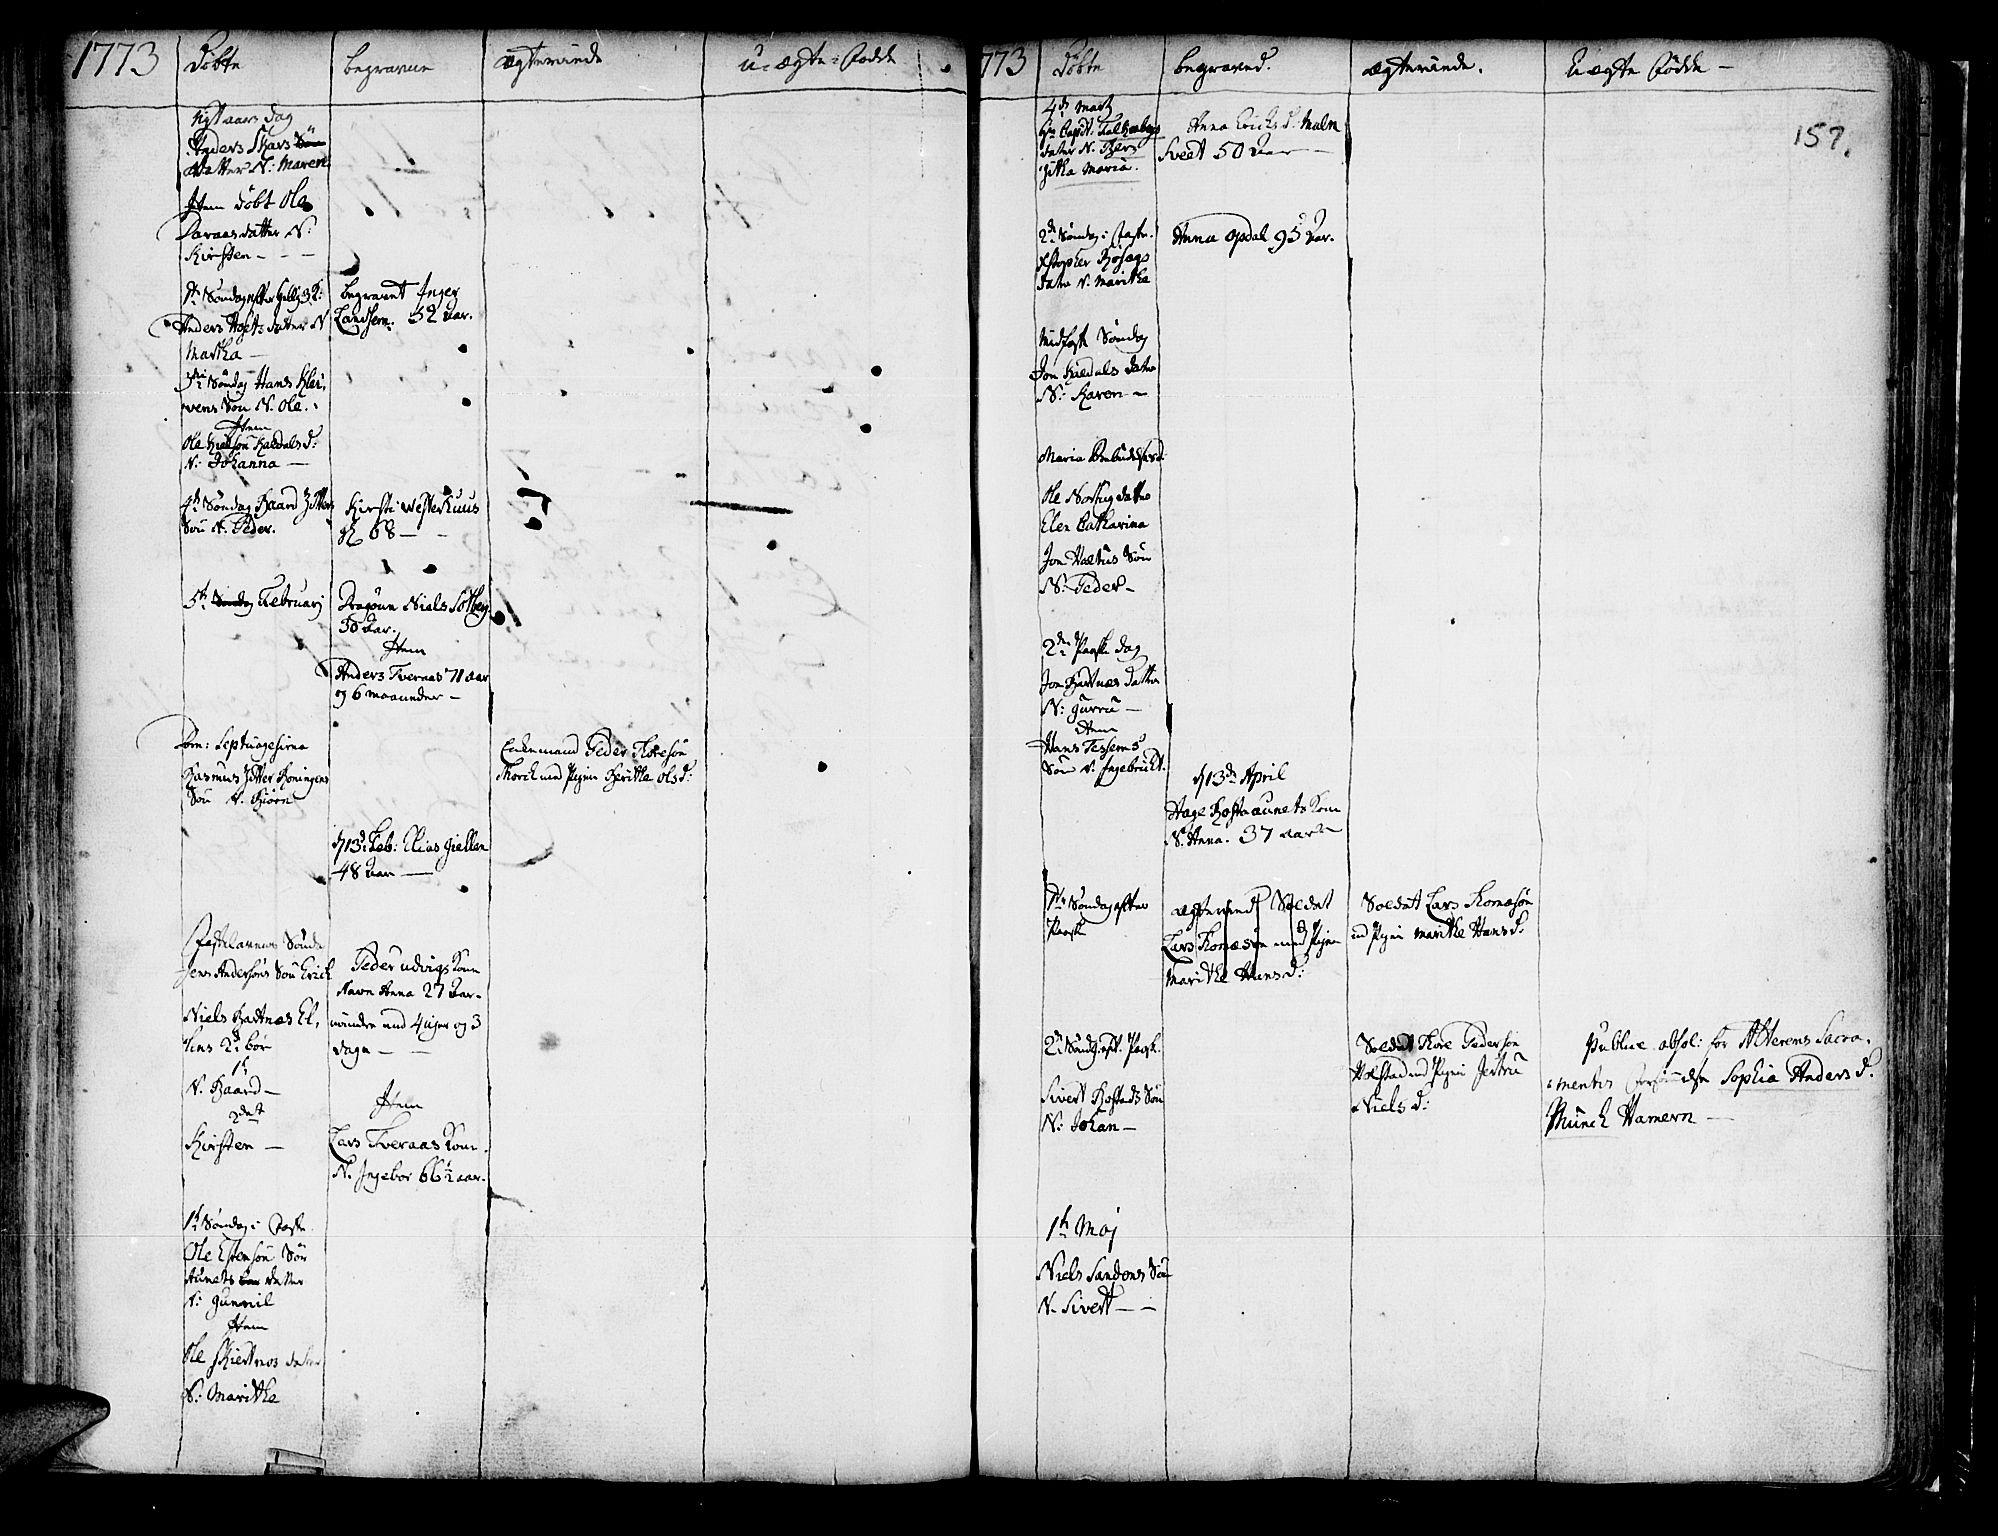 SAT, Ministerialprotokoller, klokkerbøker og fødselsregistre - Nord-Trøndelag, 741/L0385: Ministerialbok nr. 741A01, 1722-1815, s. 157